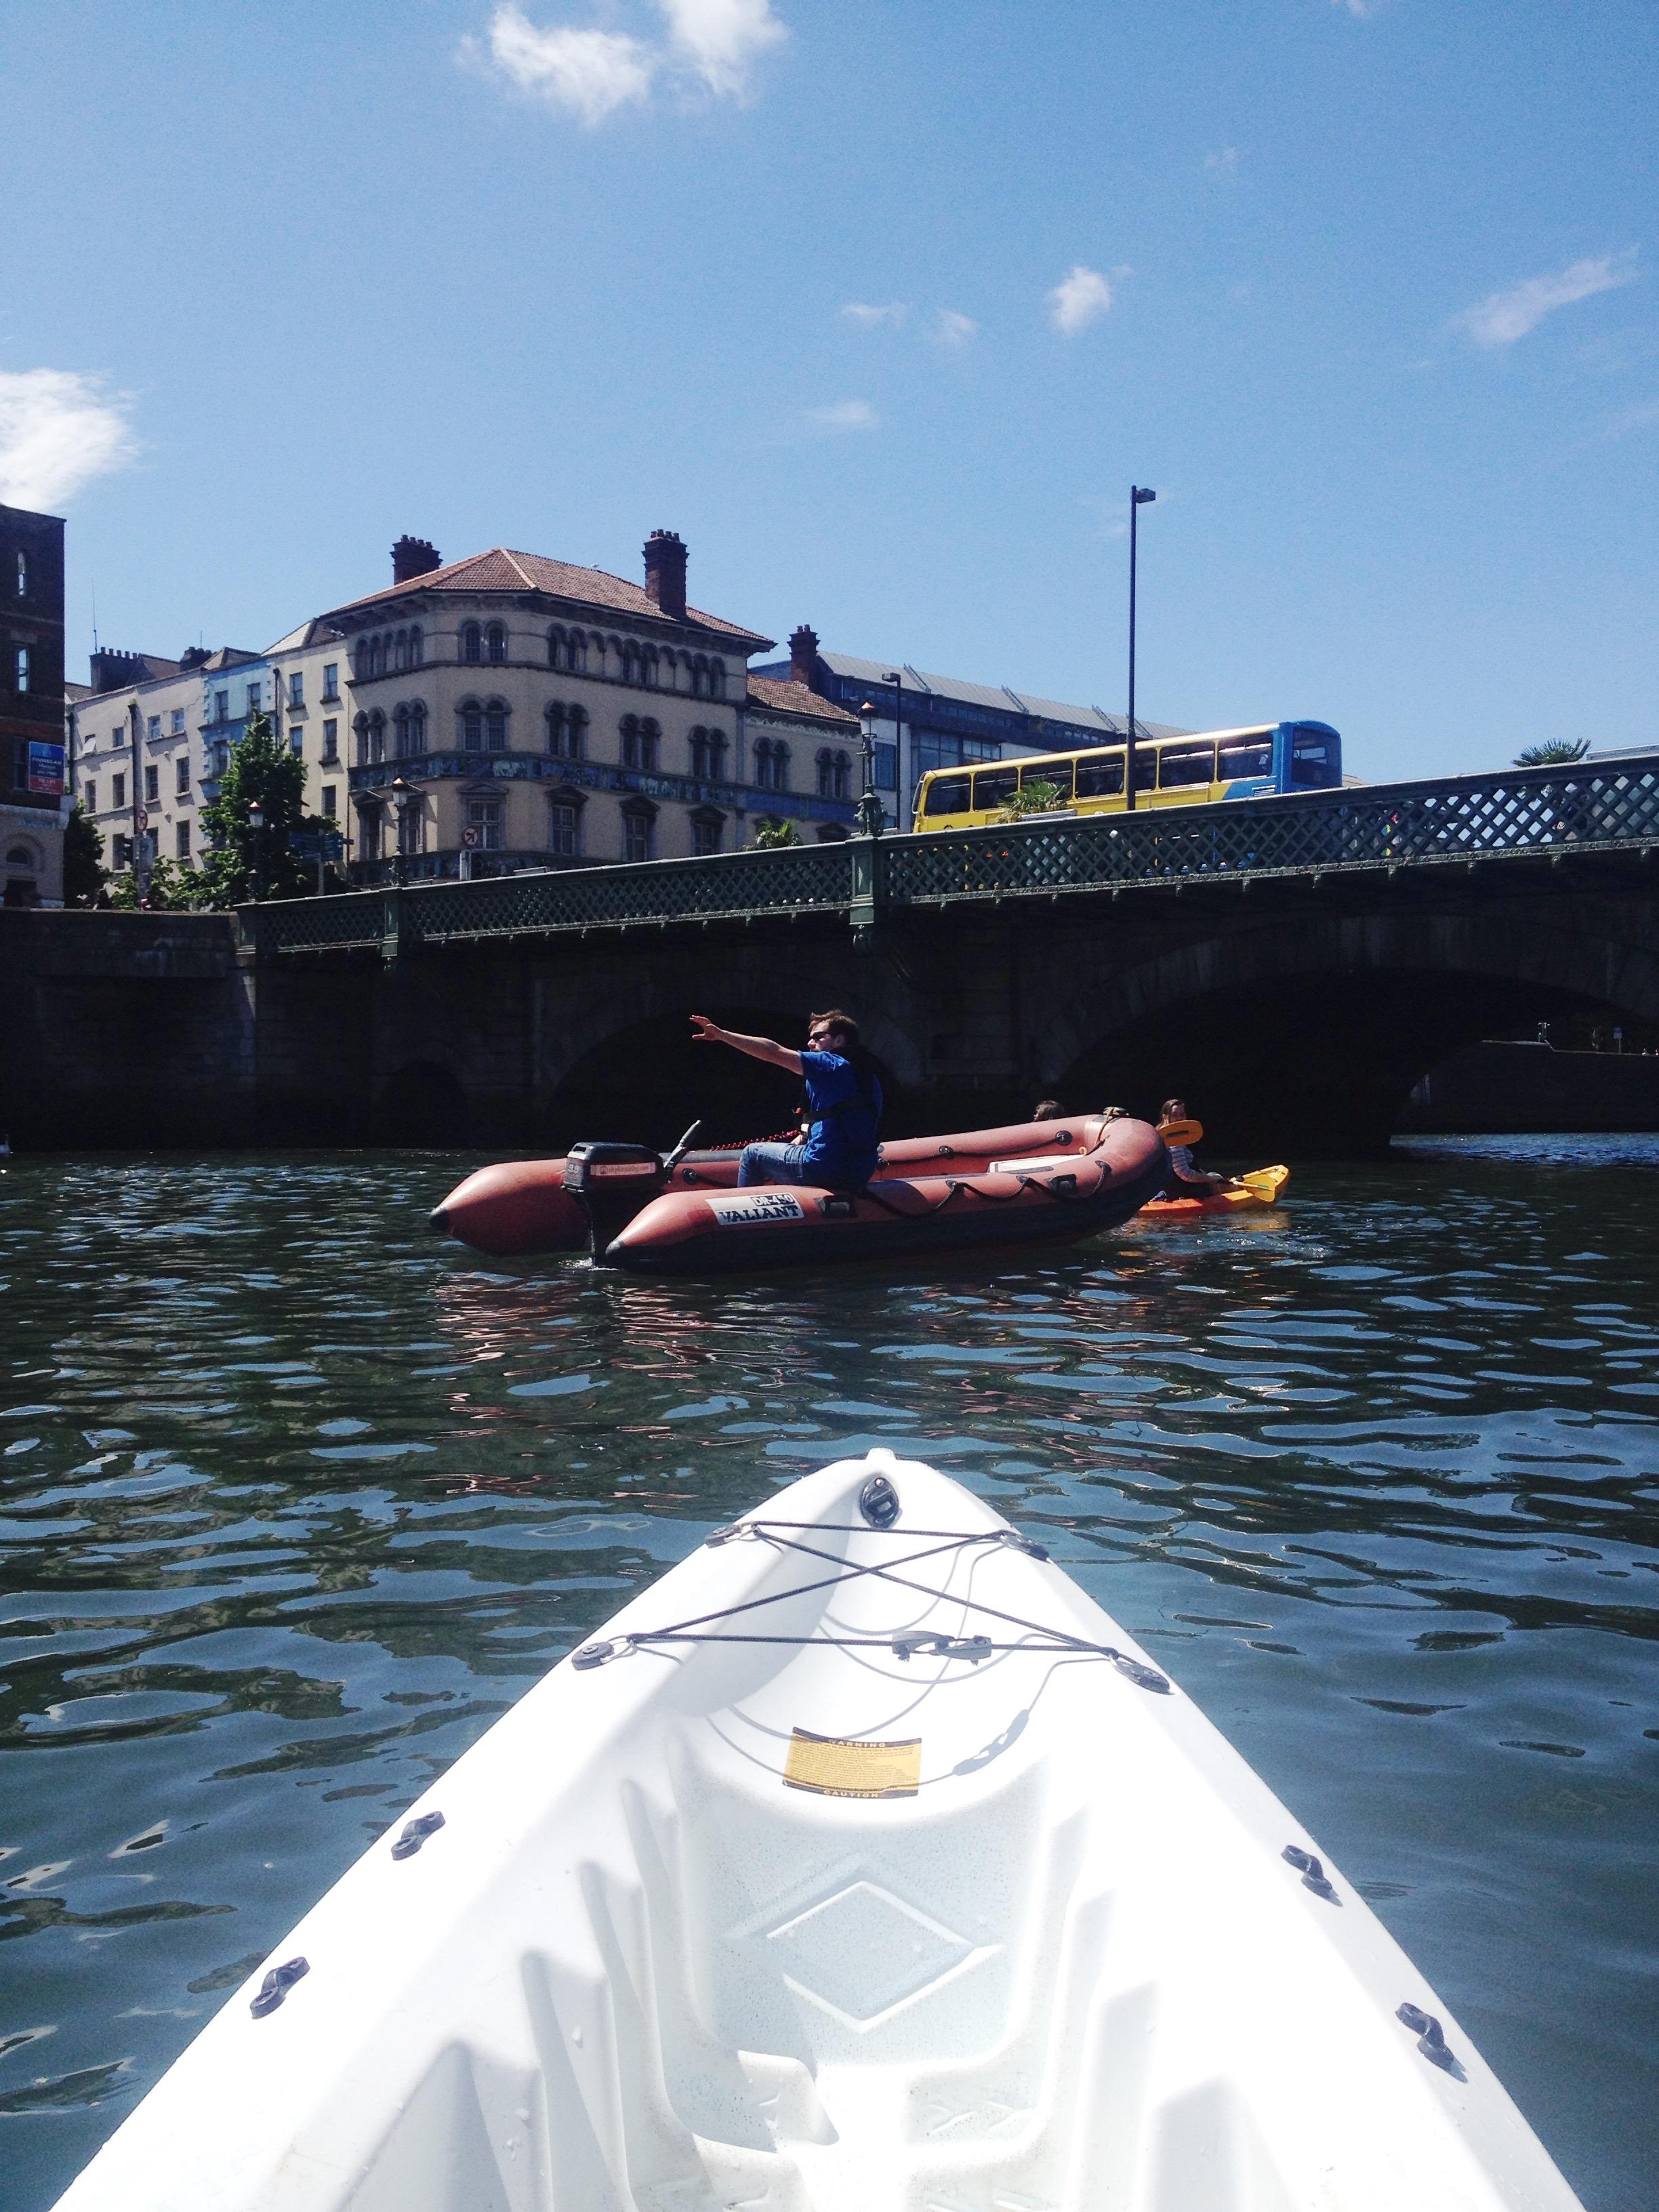 Kayak tour in River Liffey